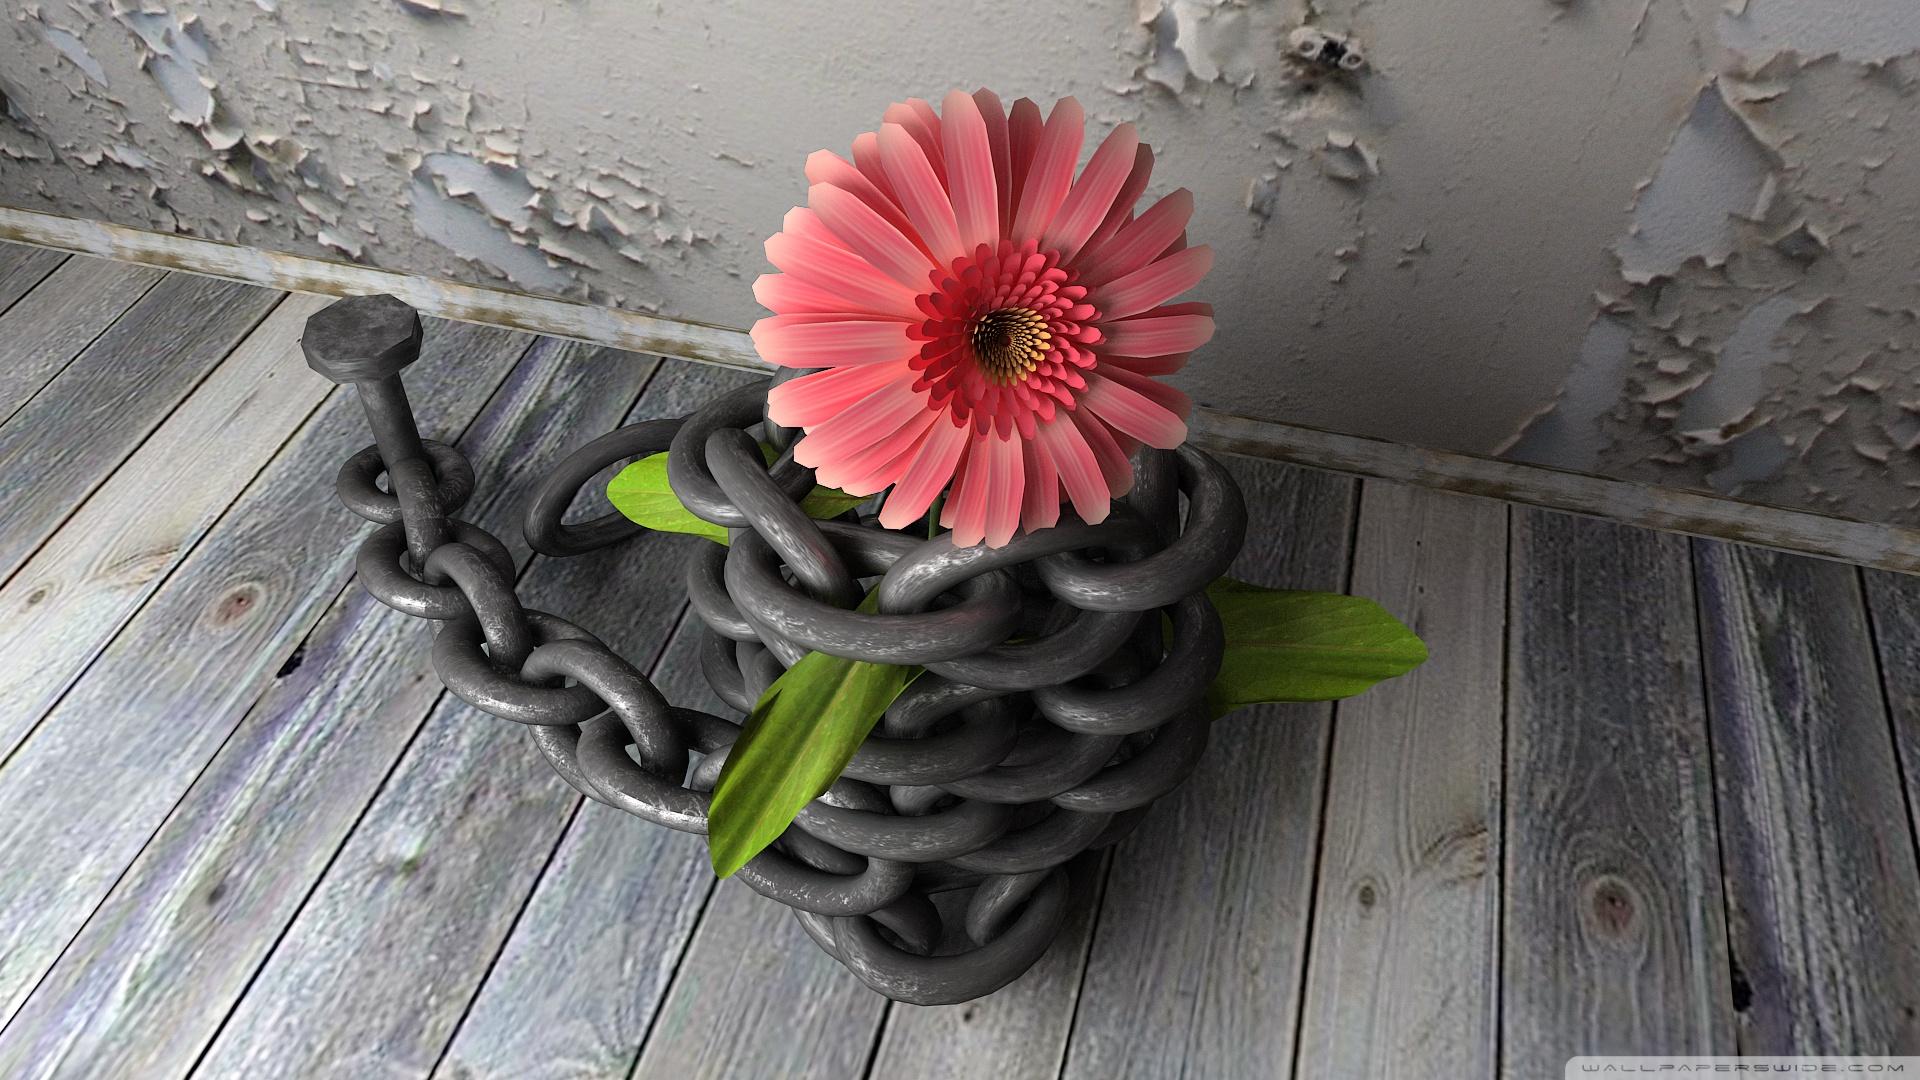 virág leláncolva